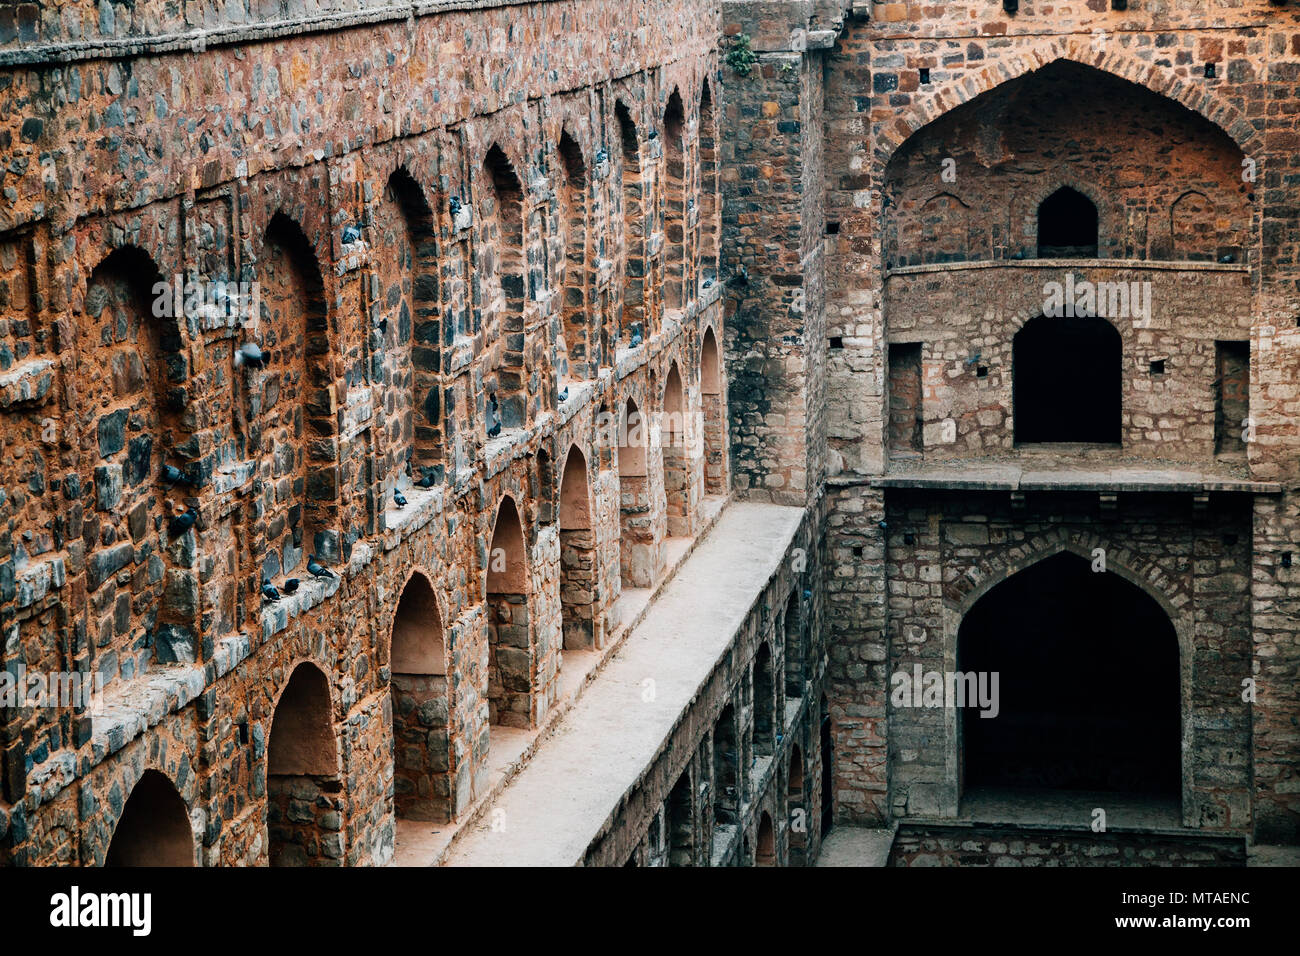 Agrasen ki Baoli, Stepwell in Delhi, India - Stock Image